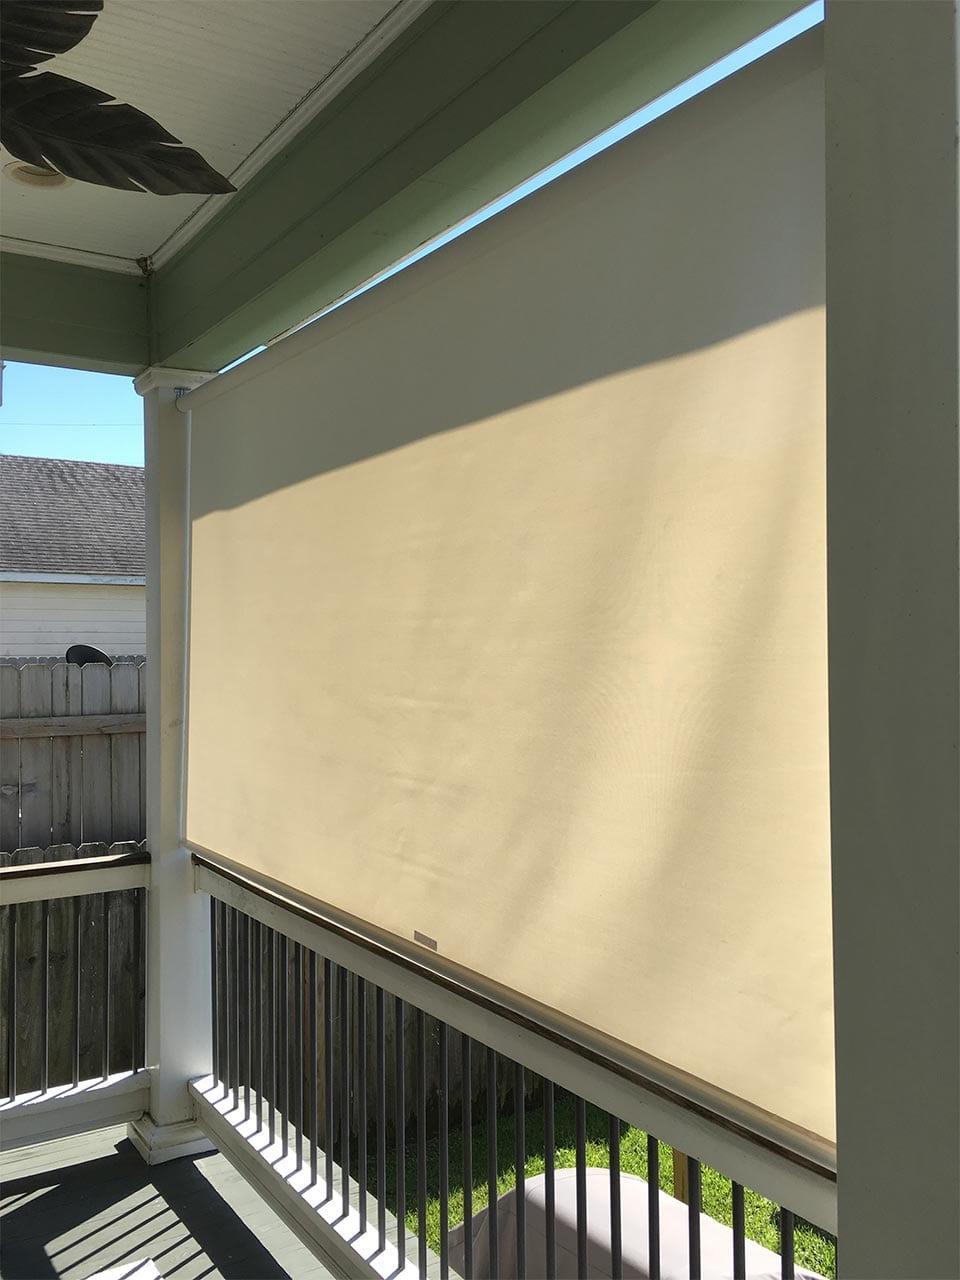 Solar Shade Instillation